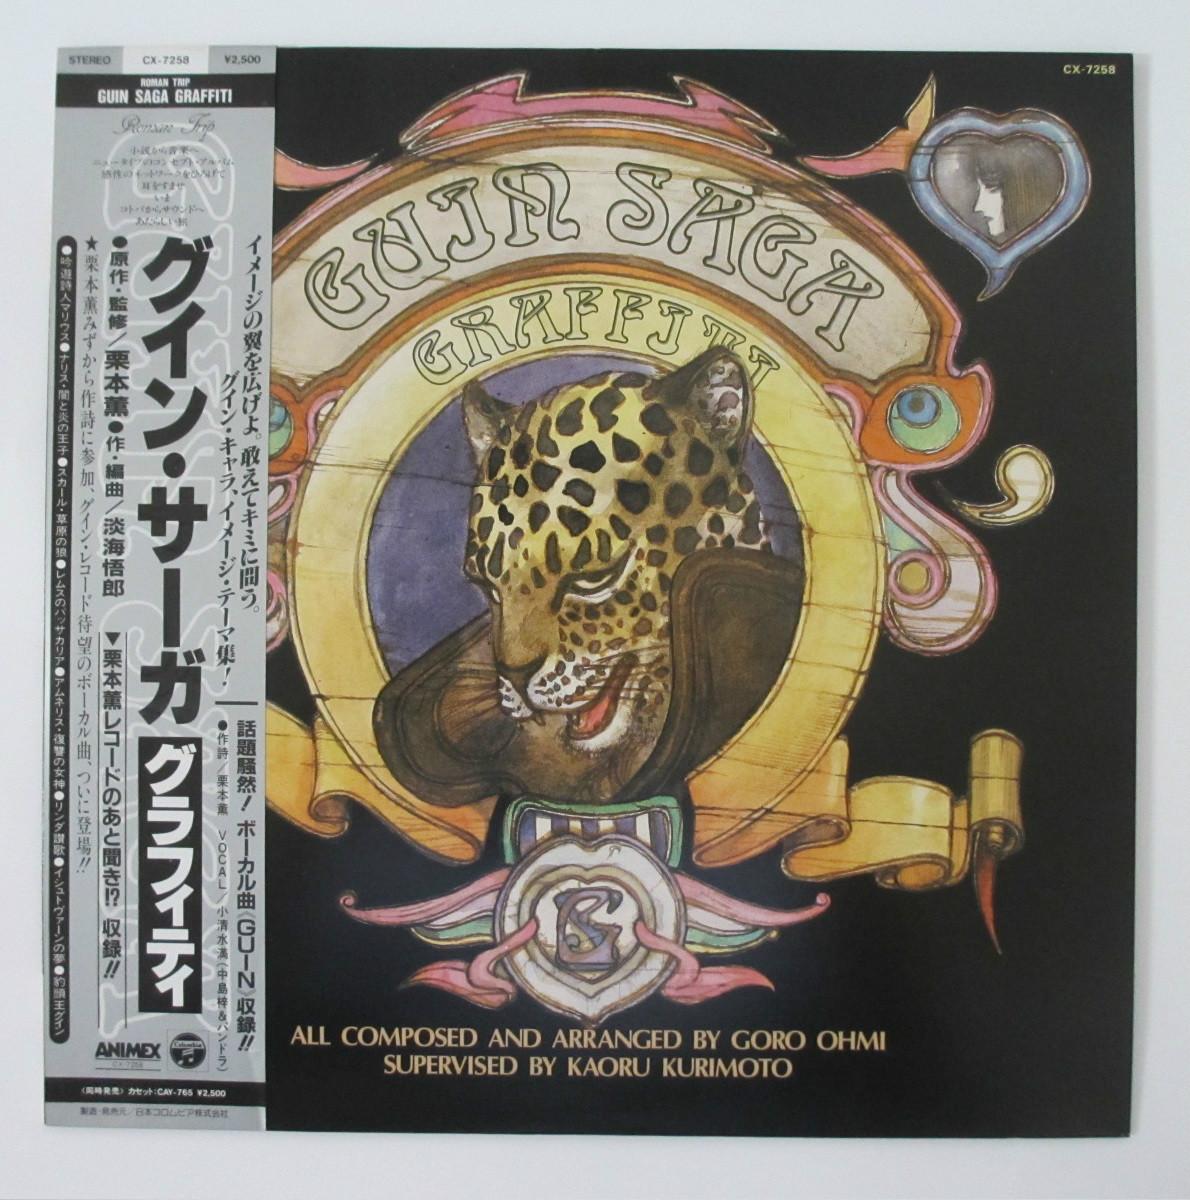 春の新作 中古LPレコード グイン 迅速な対応で商品をお届け致します サーガ 栗本薫 グラフィティ